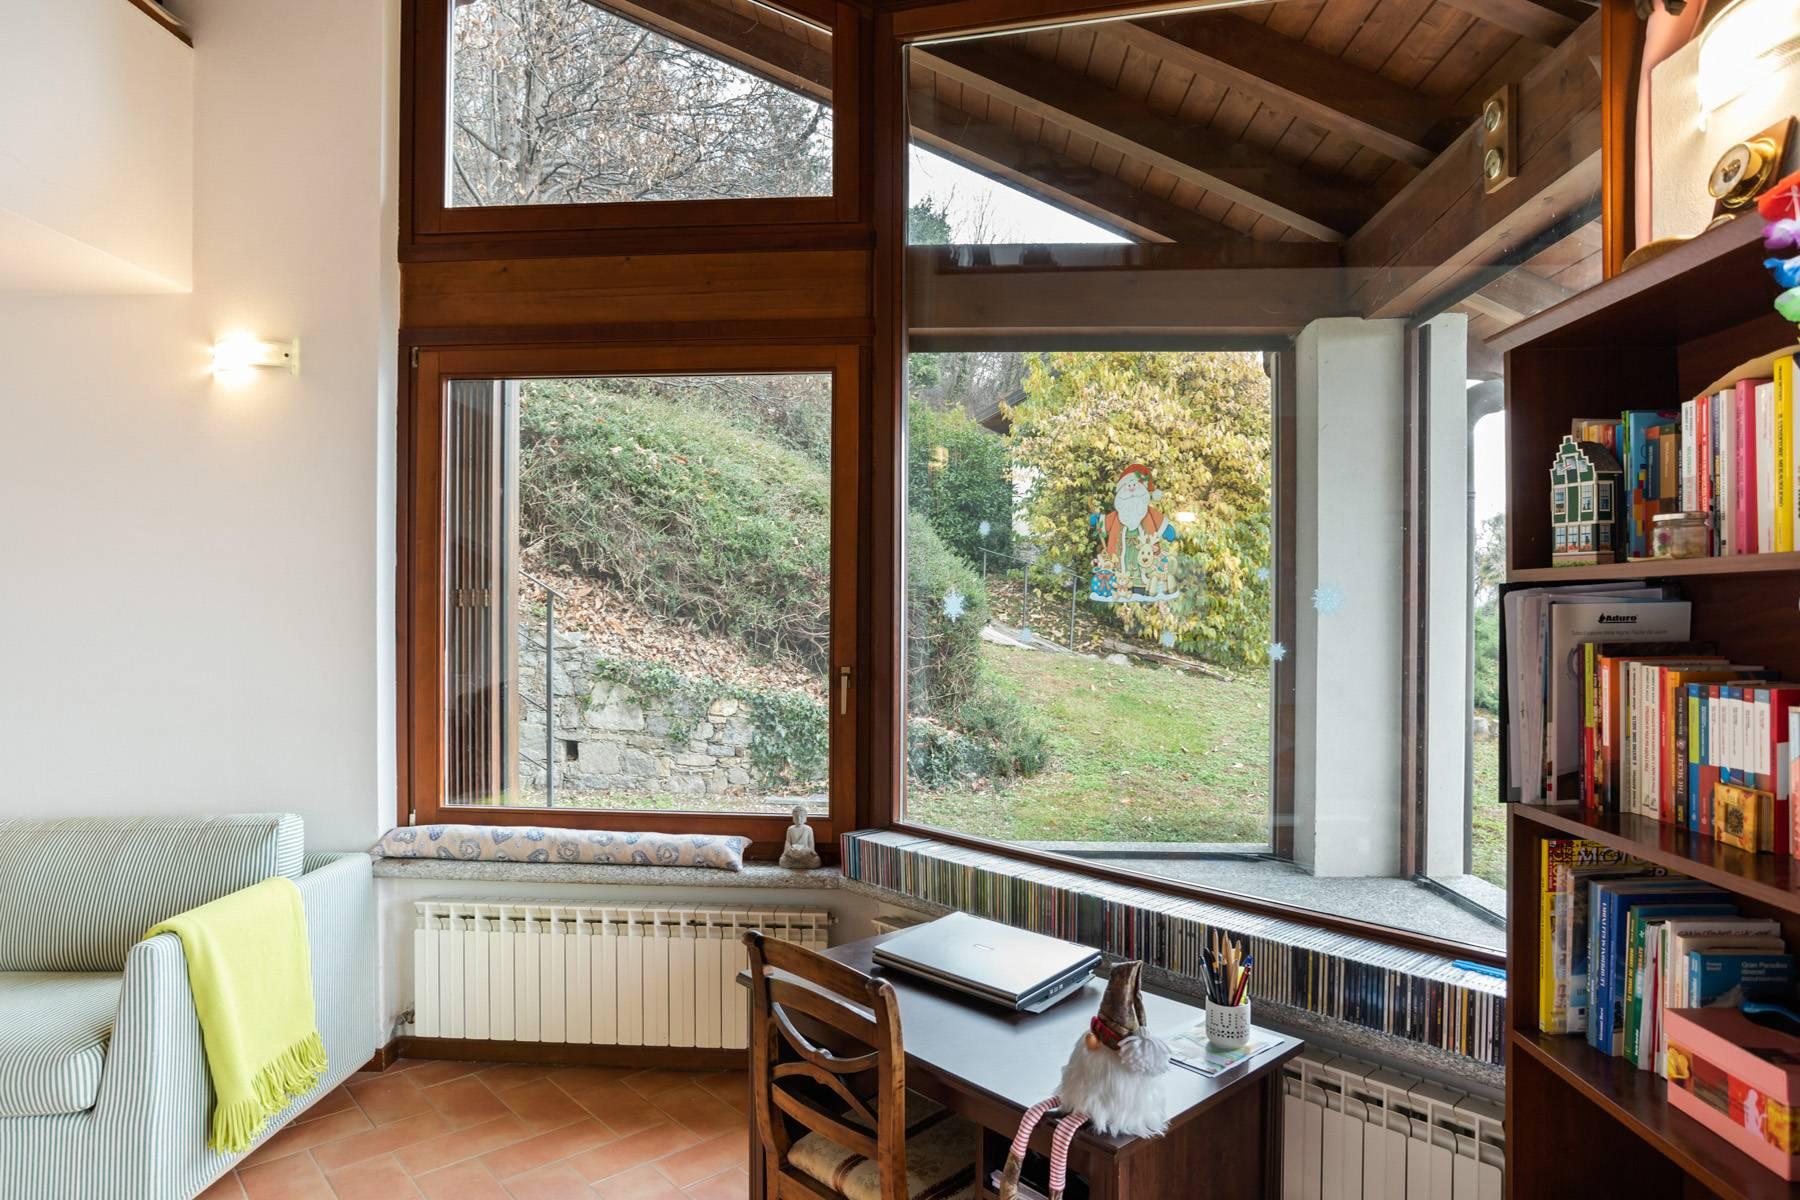 Villa in Vendita a Massino Visconti: 5 locali, 200 mq - Foto 6